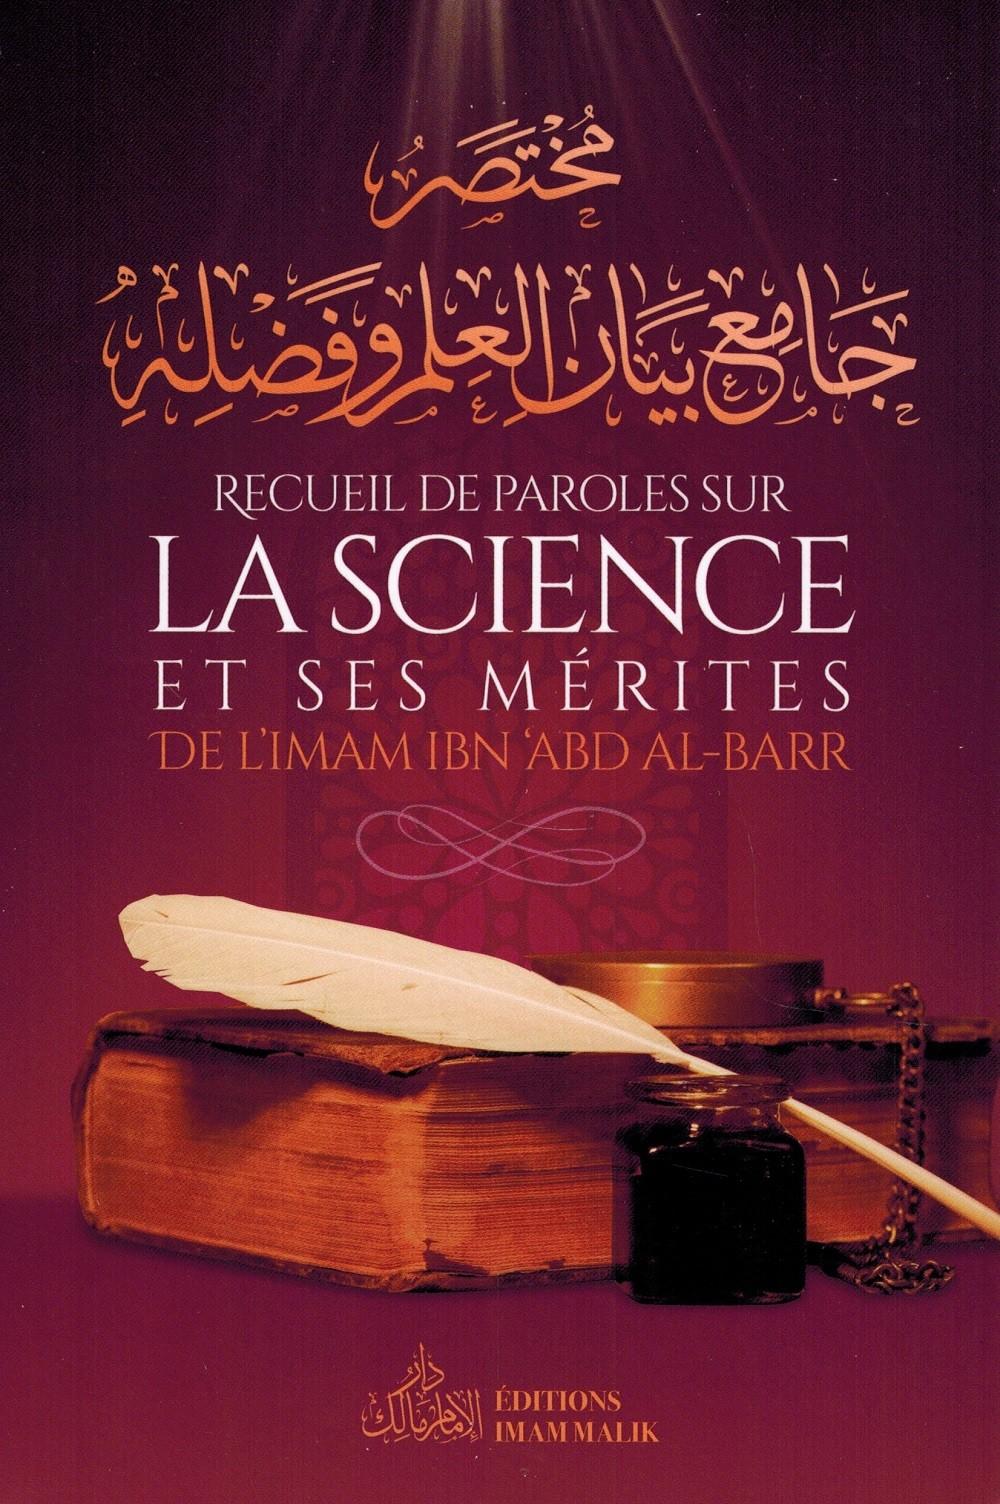 5e613581c9717_receuil-paroles-science-mrites-Ibn-abd-al-barr